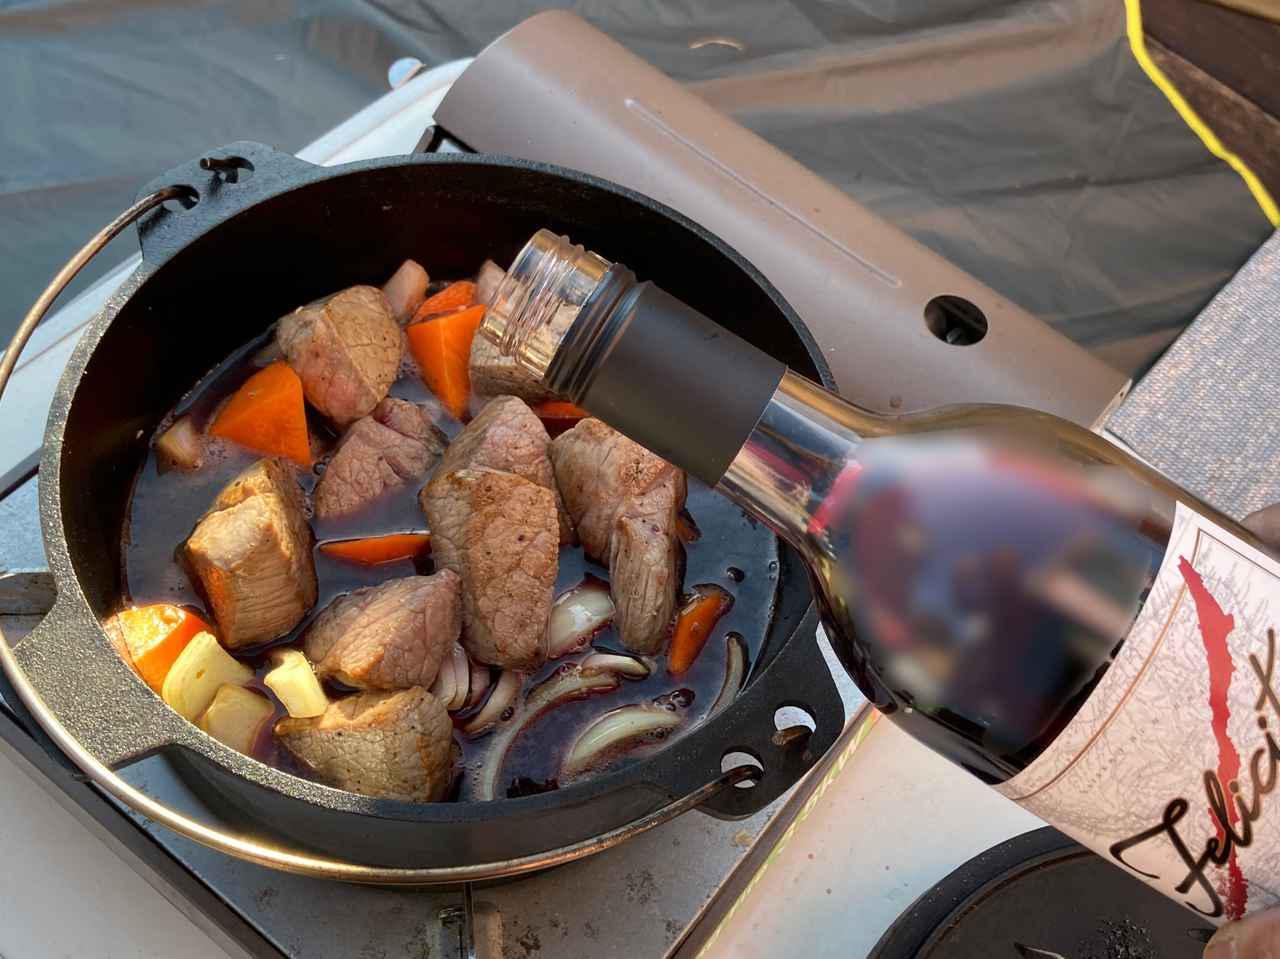 画像: ニトリのダッチオーブンで「お肉ほろほろ絶品カレー」! 赤ワインで煮込むキャンプレシピ - ハピキャン|キャンプ・アウトドア情報メディア